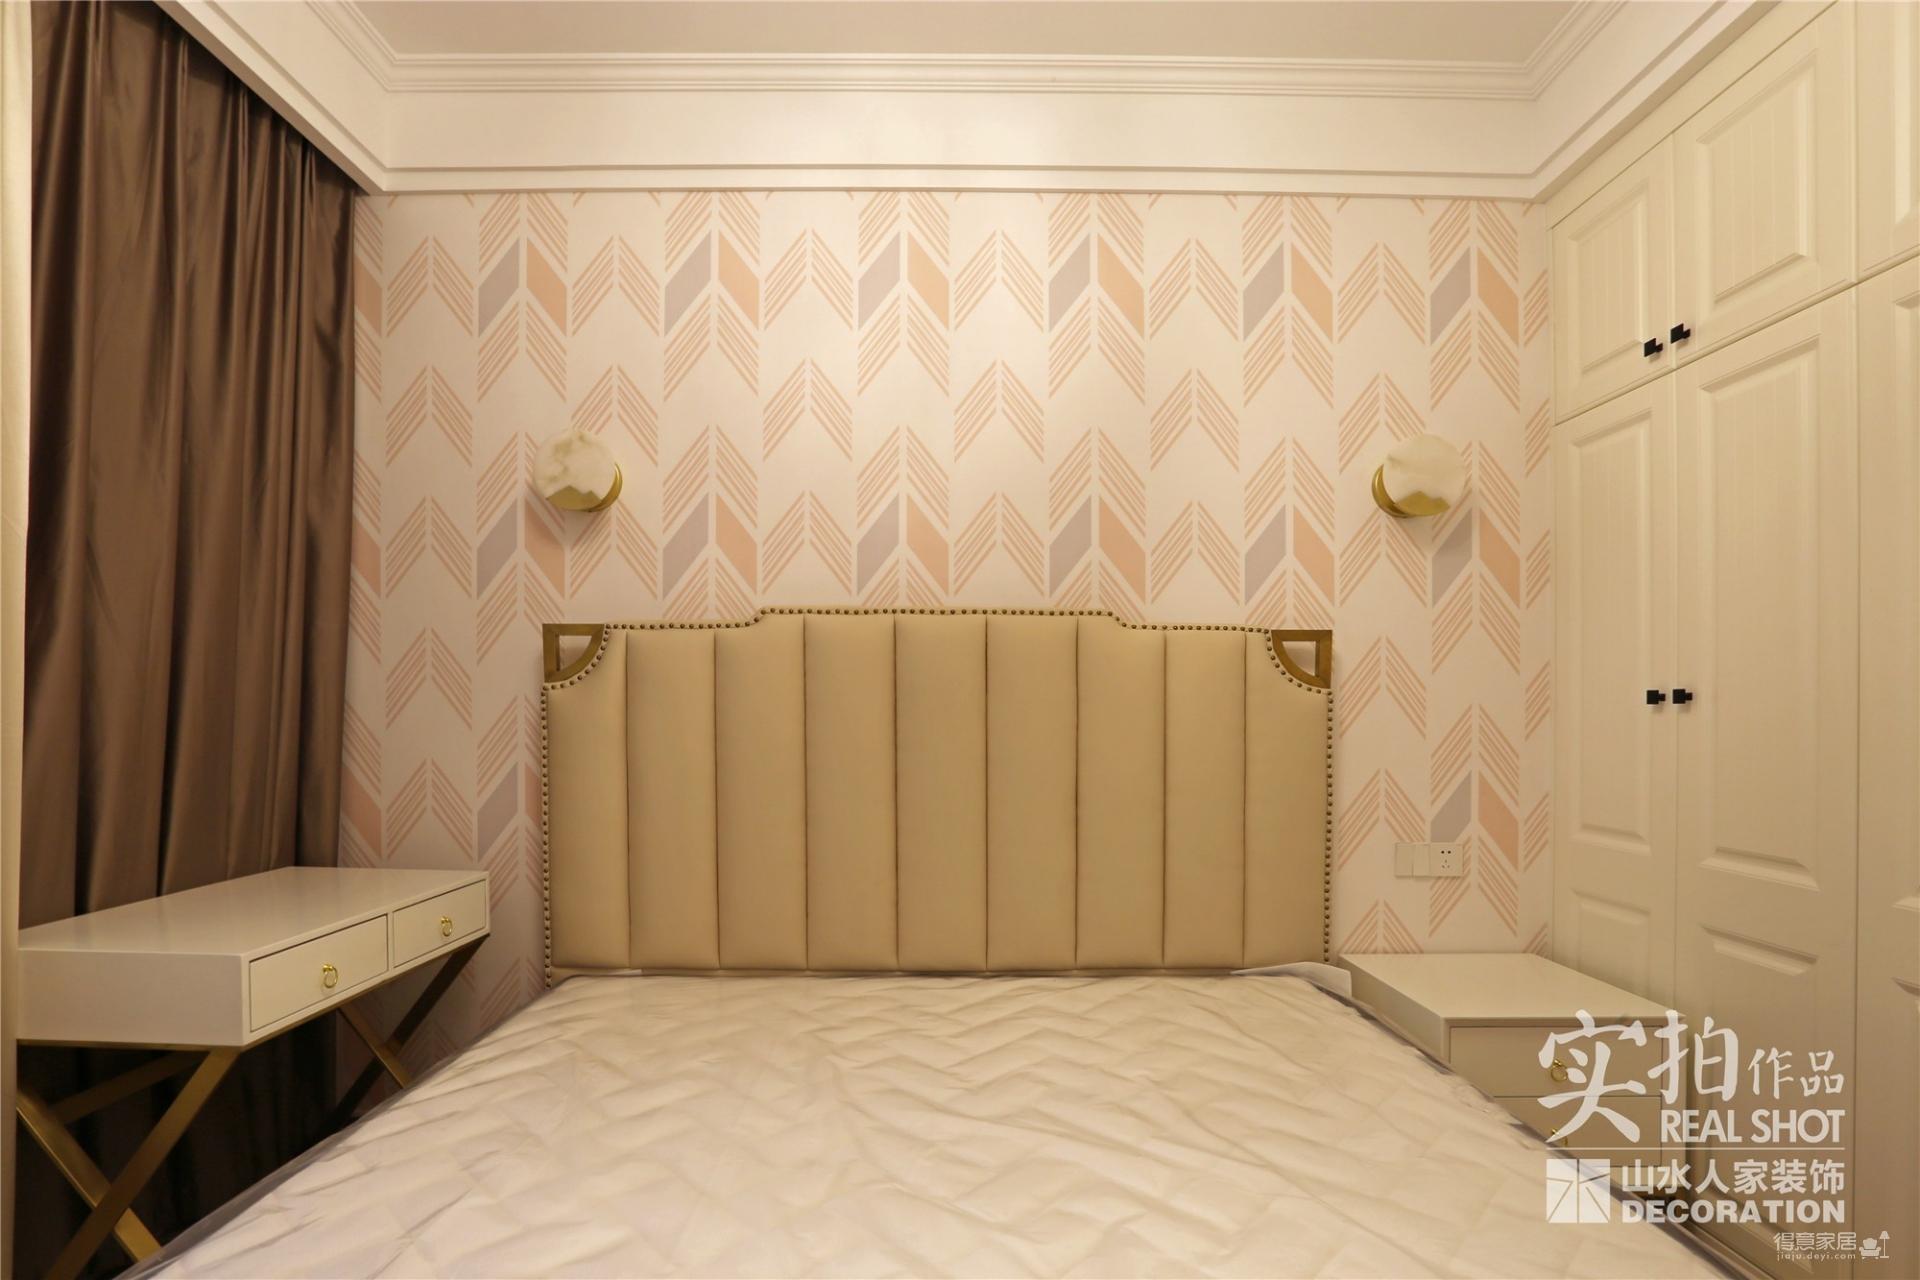 清凉夏日~美式轻奢三室两厅126